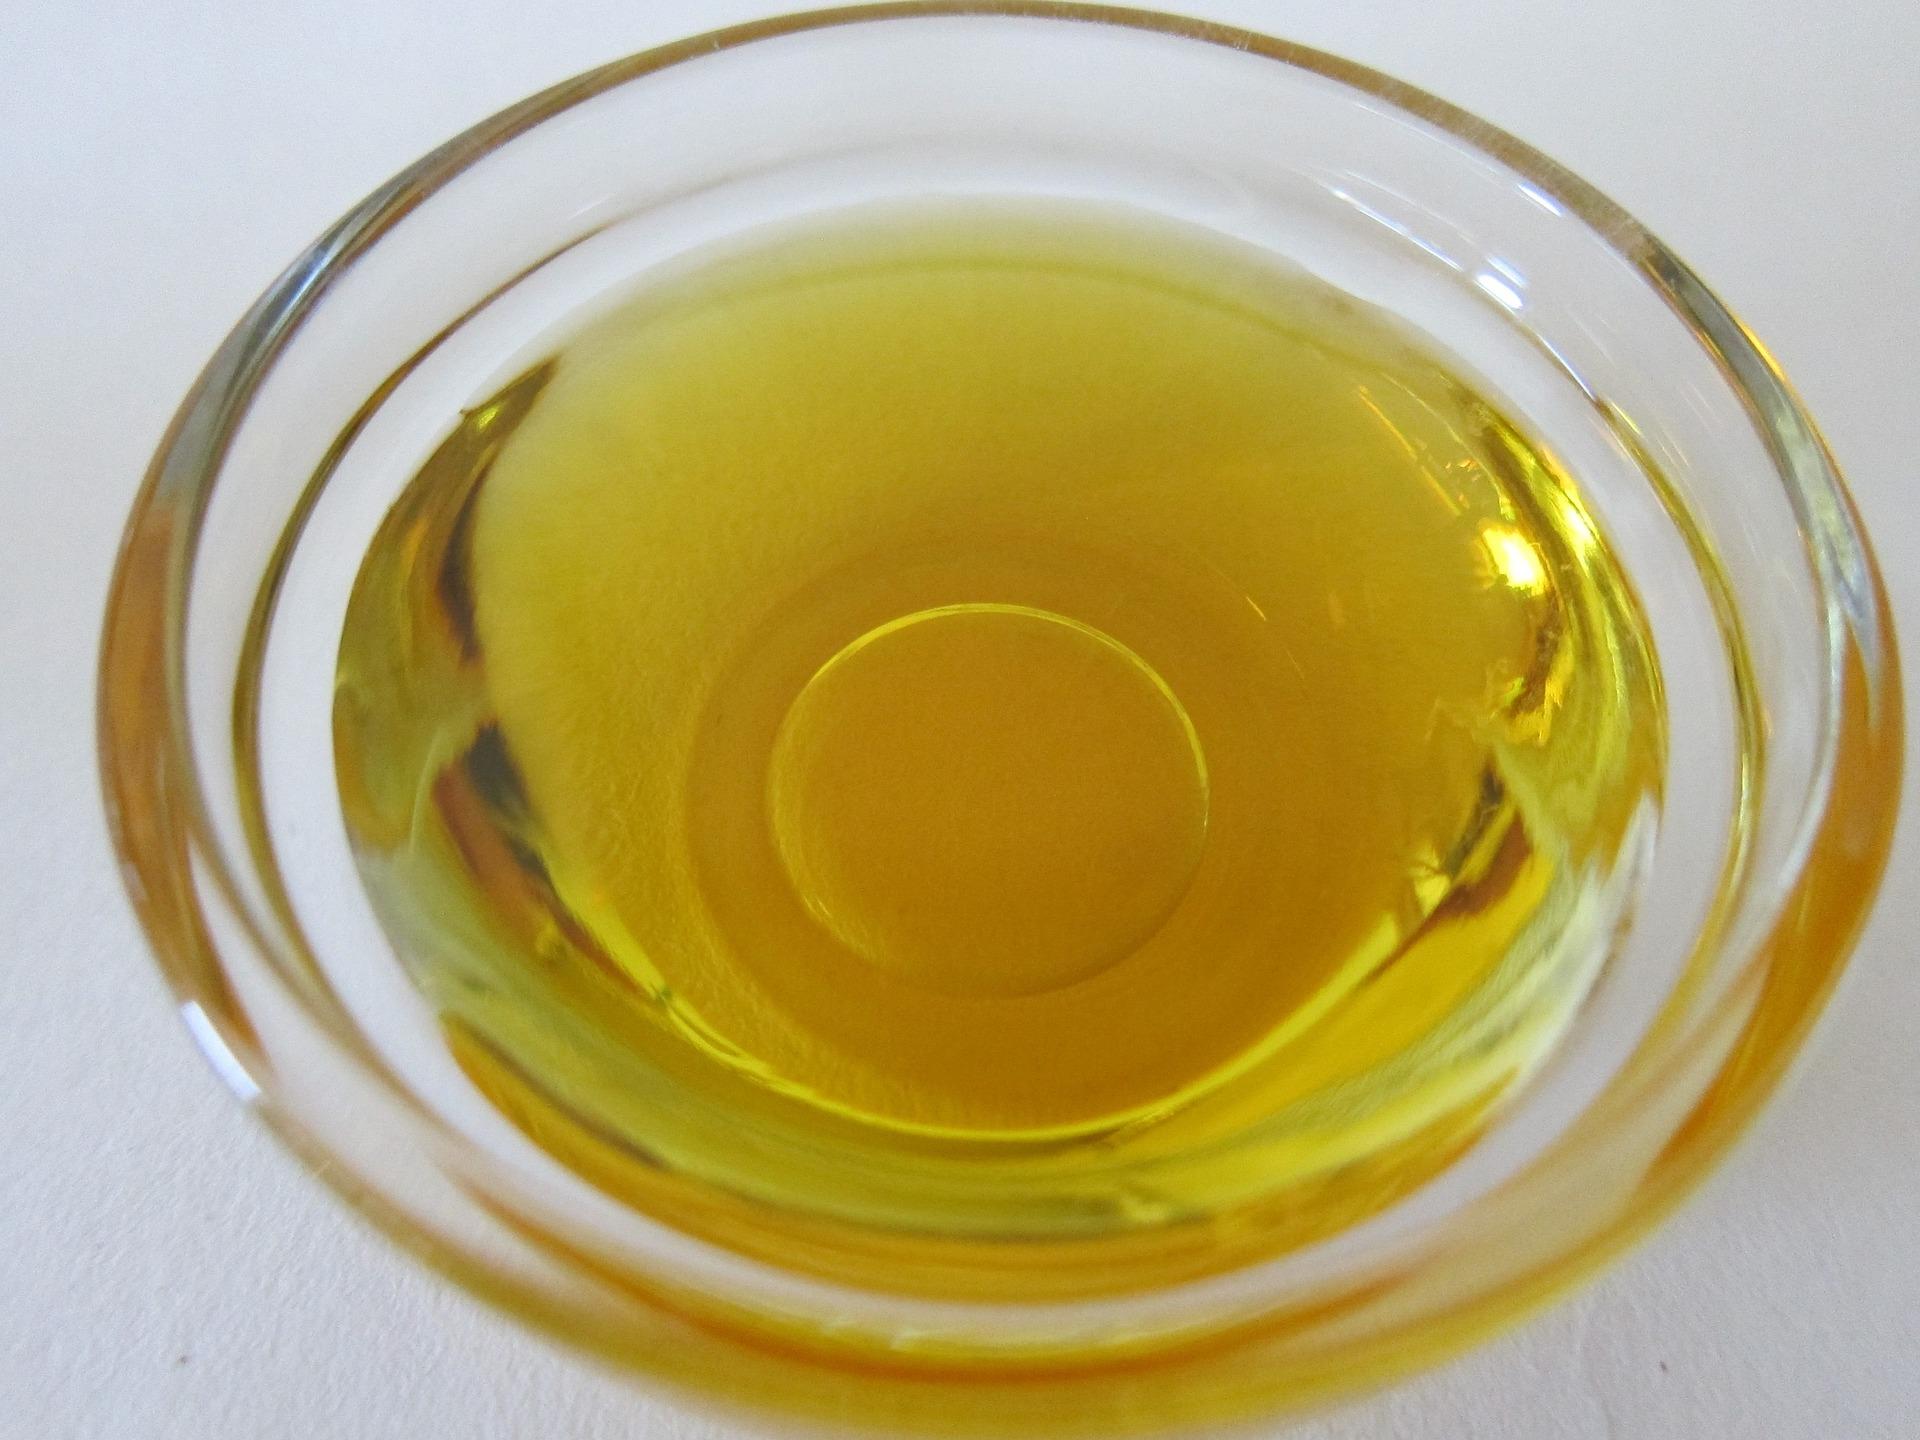 Como aplicar el aceite de oliva extra virgen en la cara